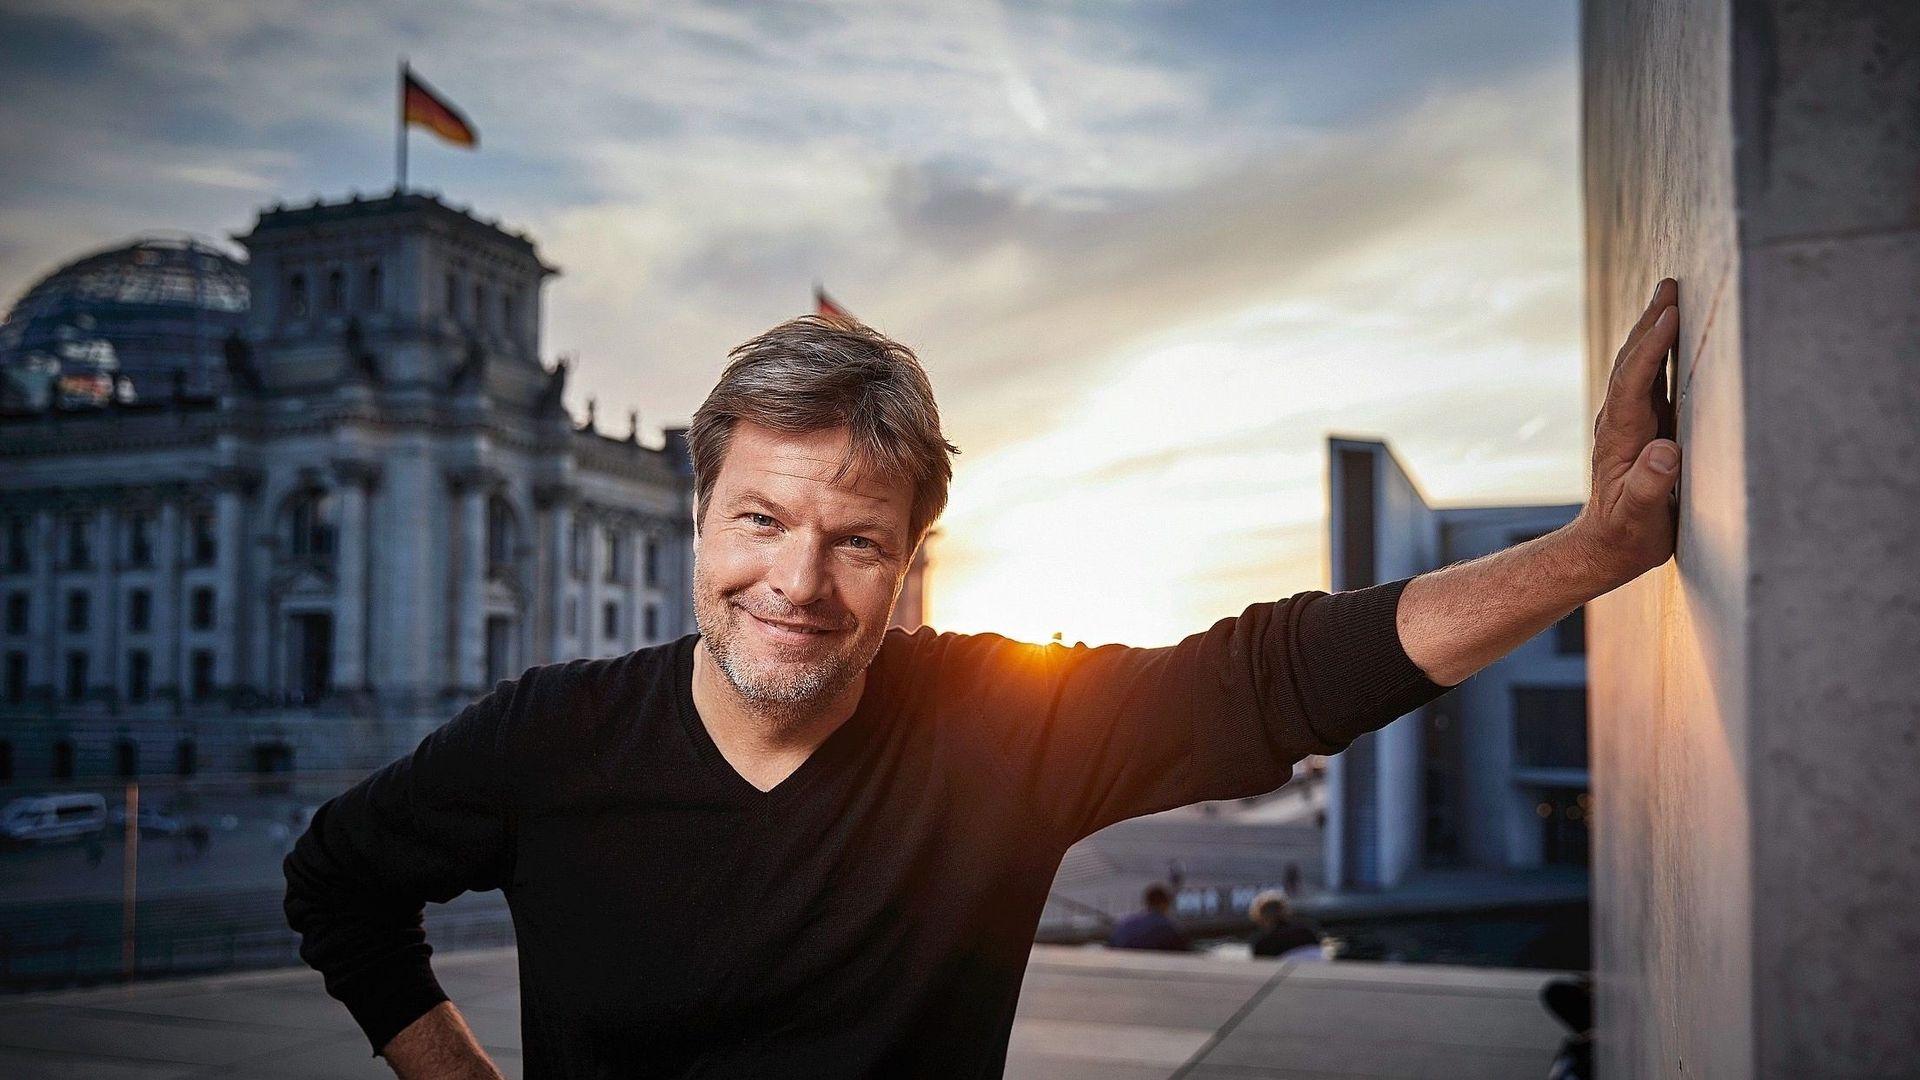 Il rappresentante dei Verdi tedeschi Habeck esce dai social: standing ovation